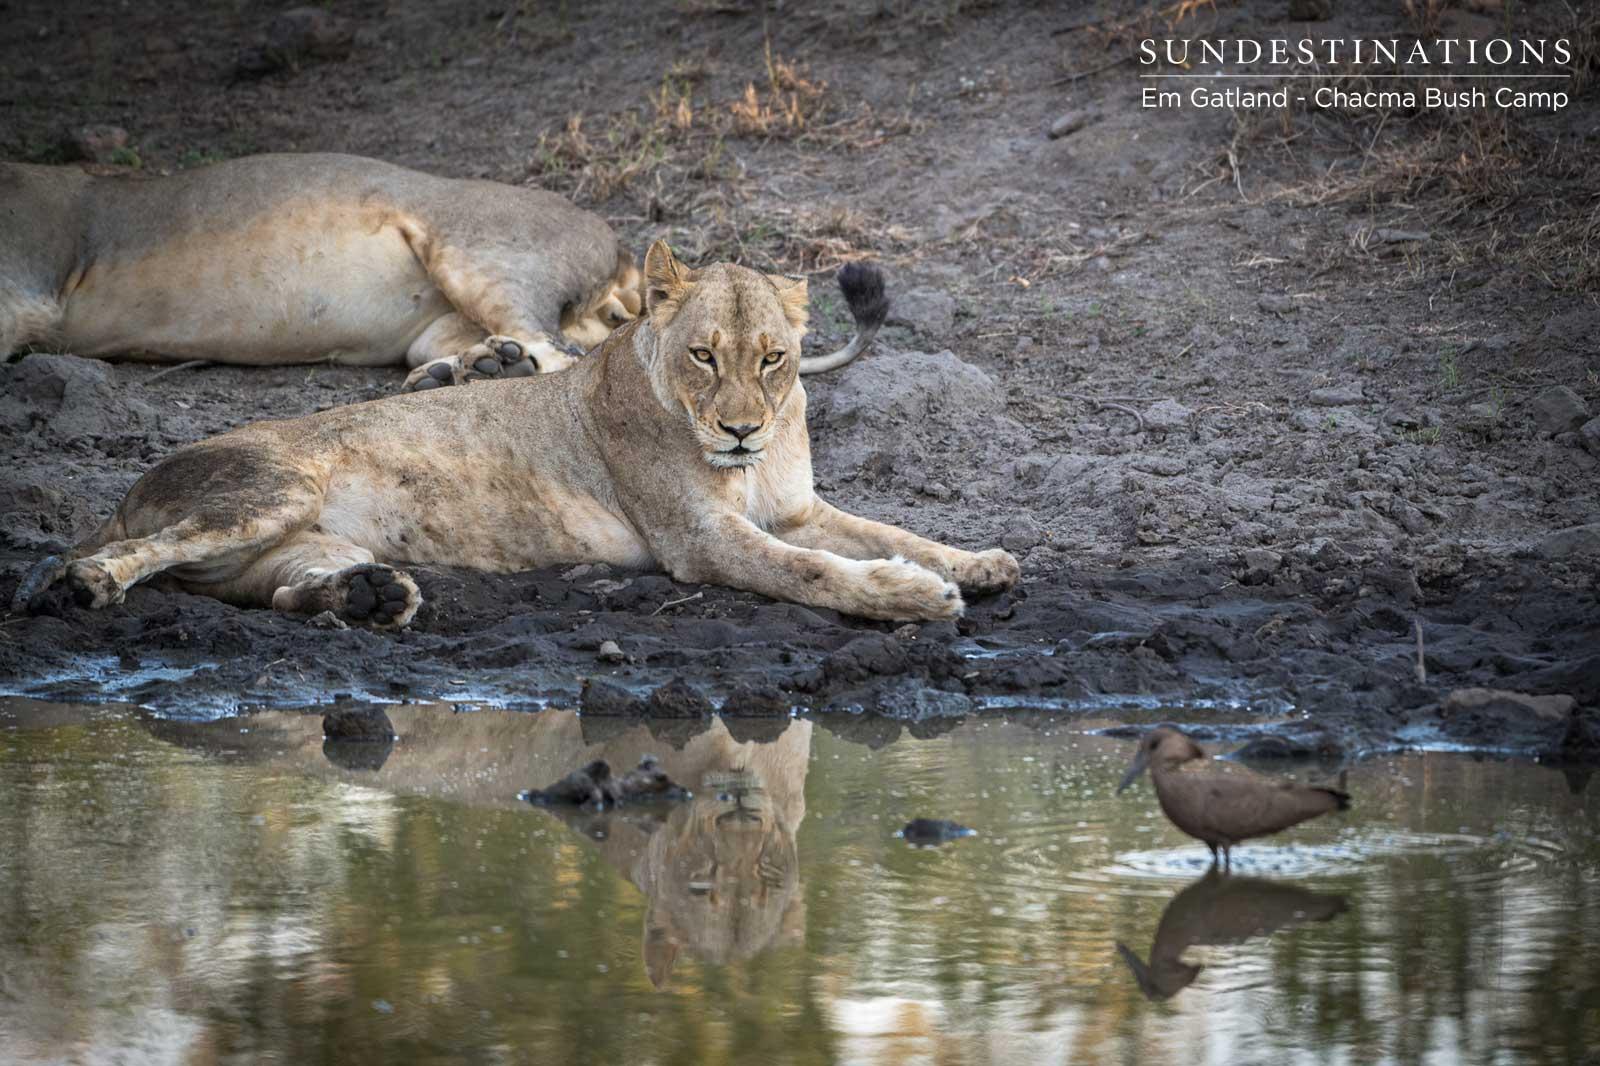 Lions at Chacma Bush Camp